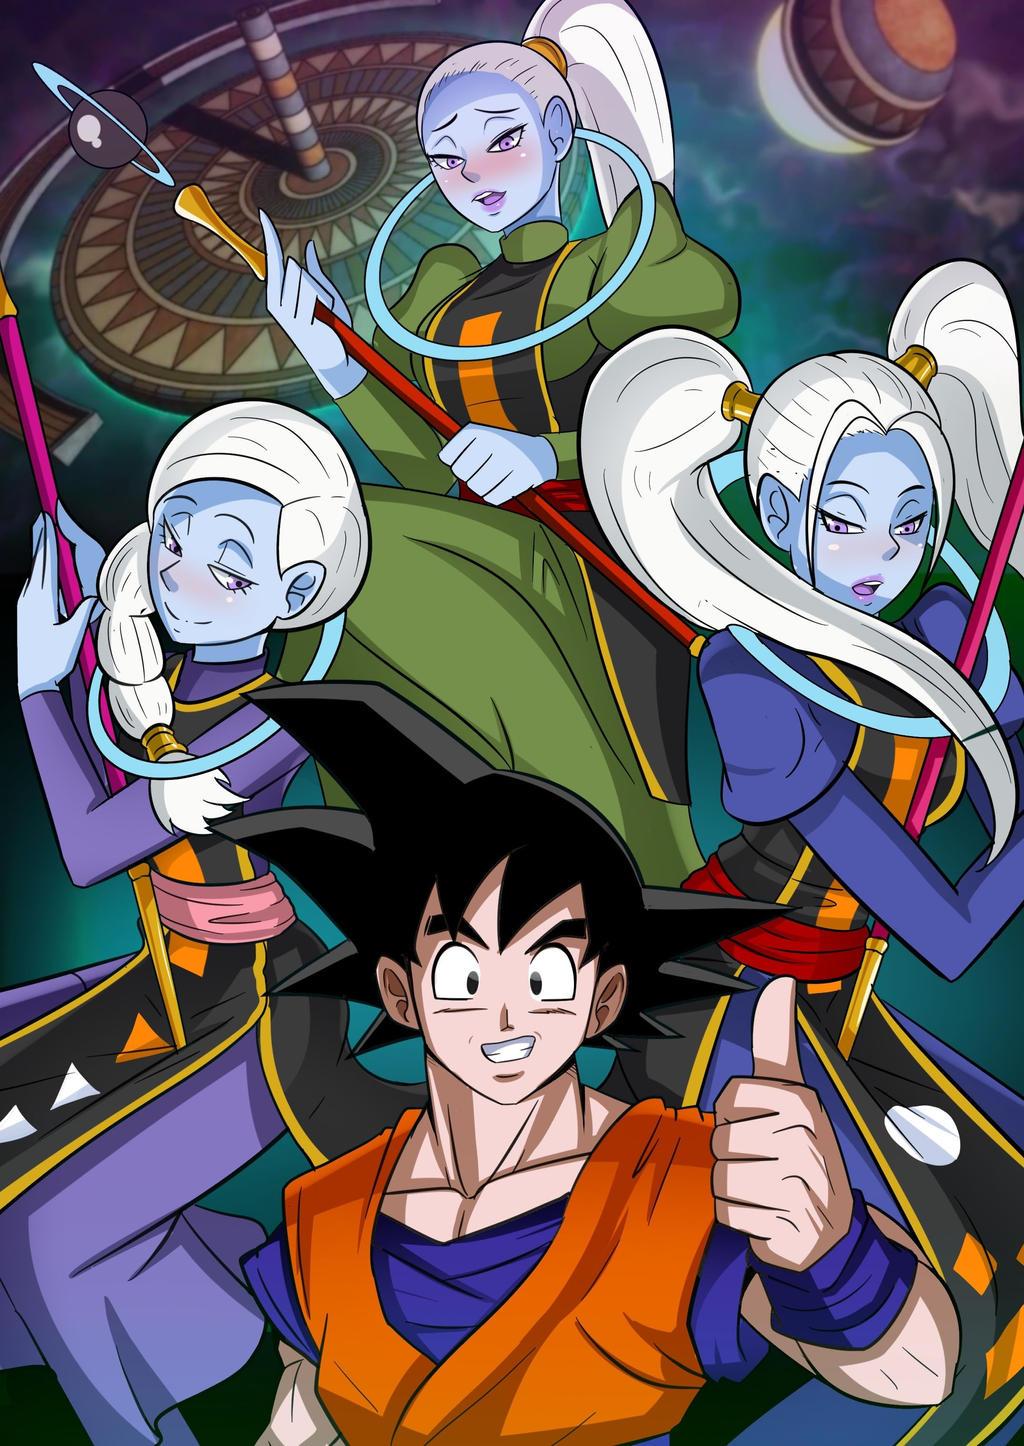 Dragon Ball Super Portada #3 by GokuXdxdxdZ on DeviantArt